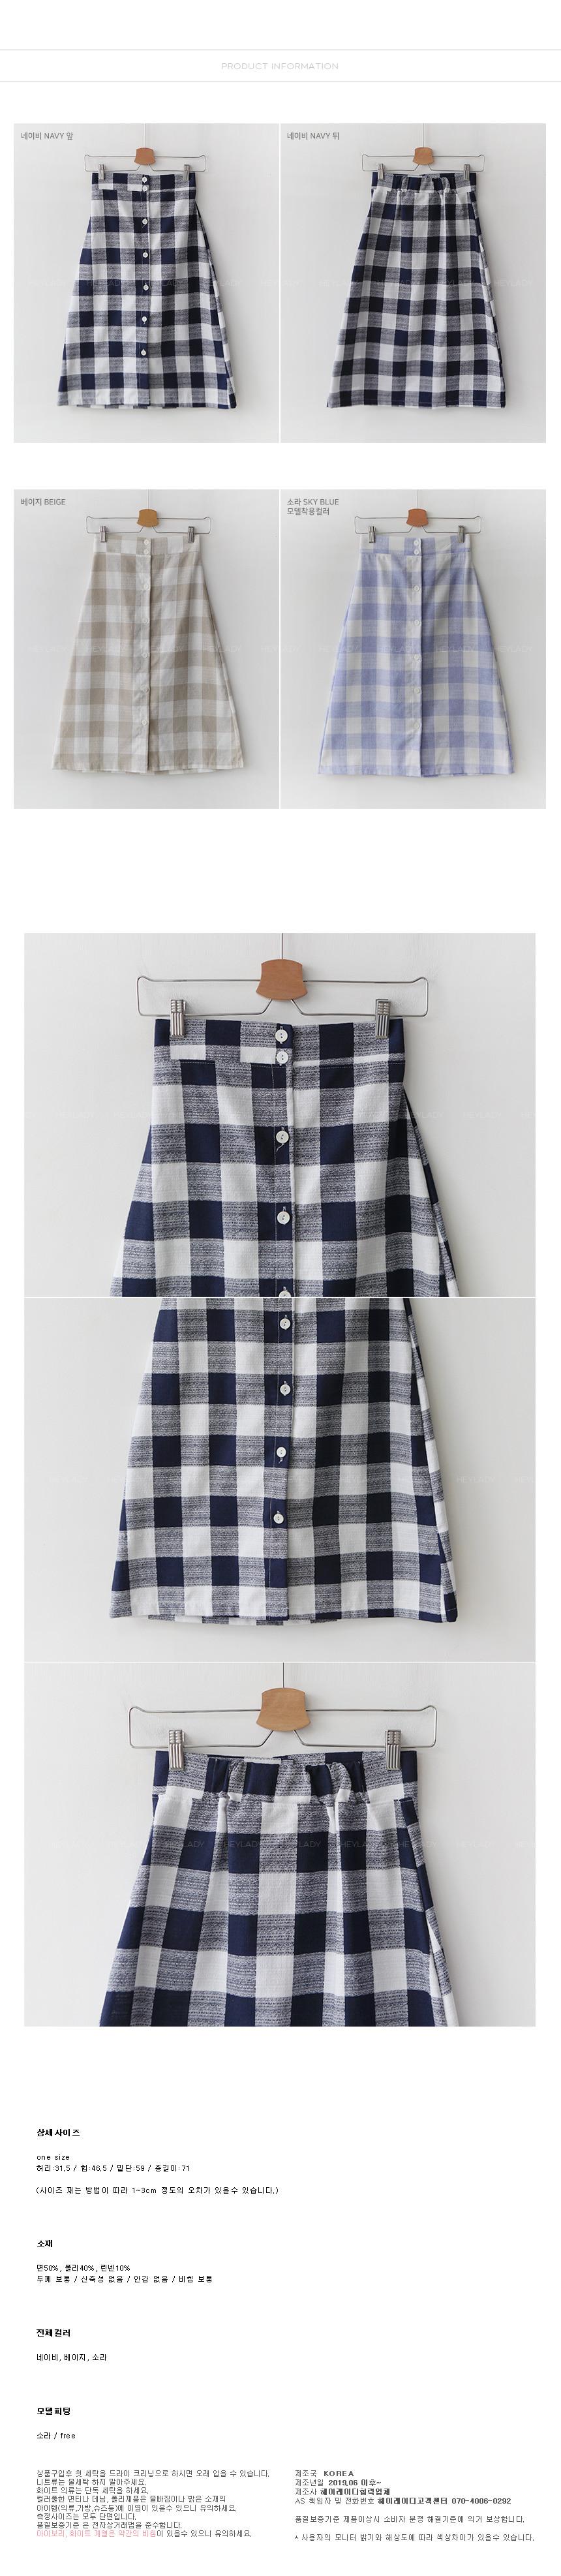 Bean Check Skirt